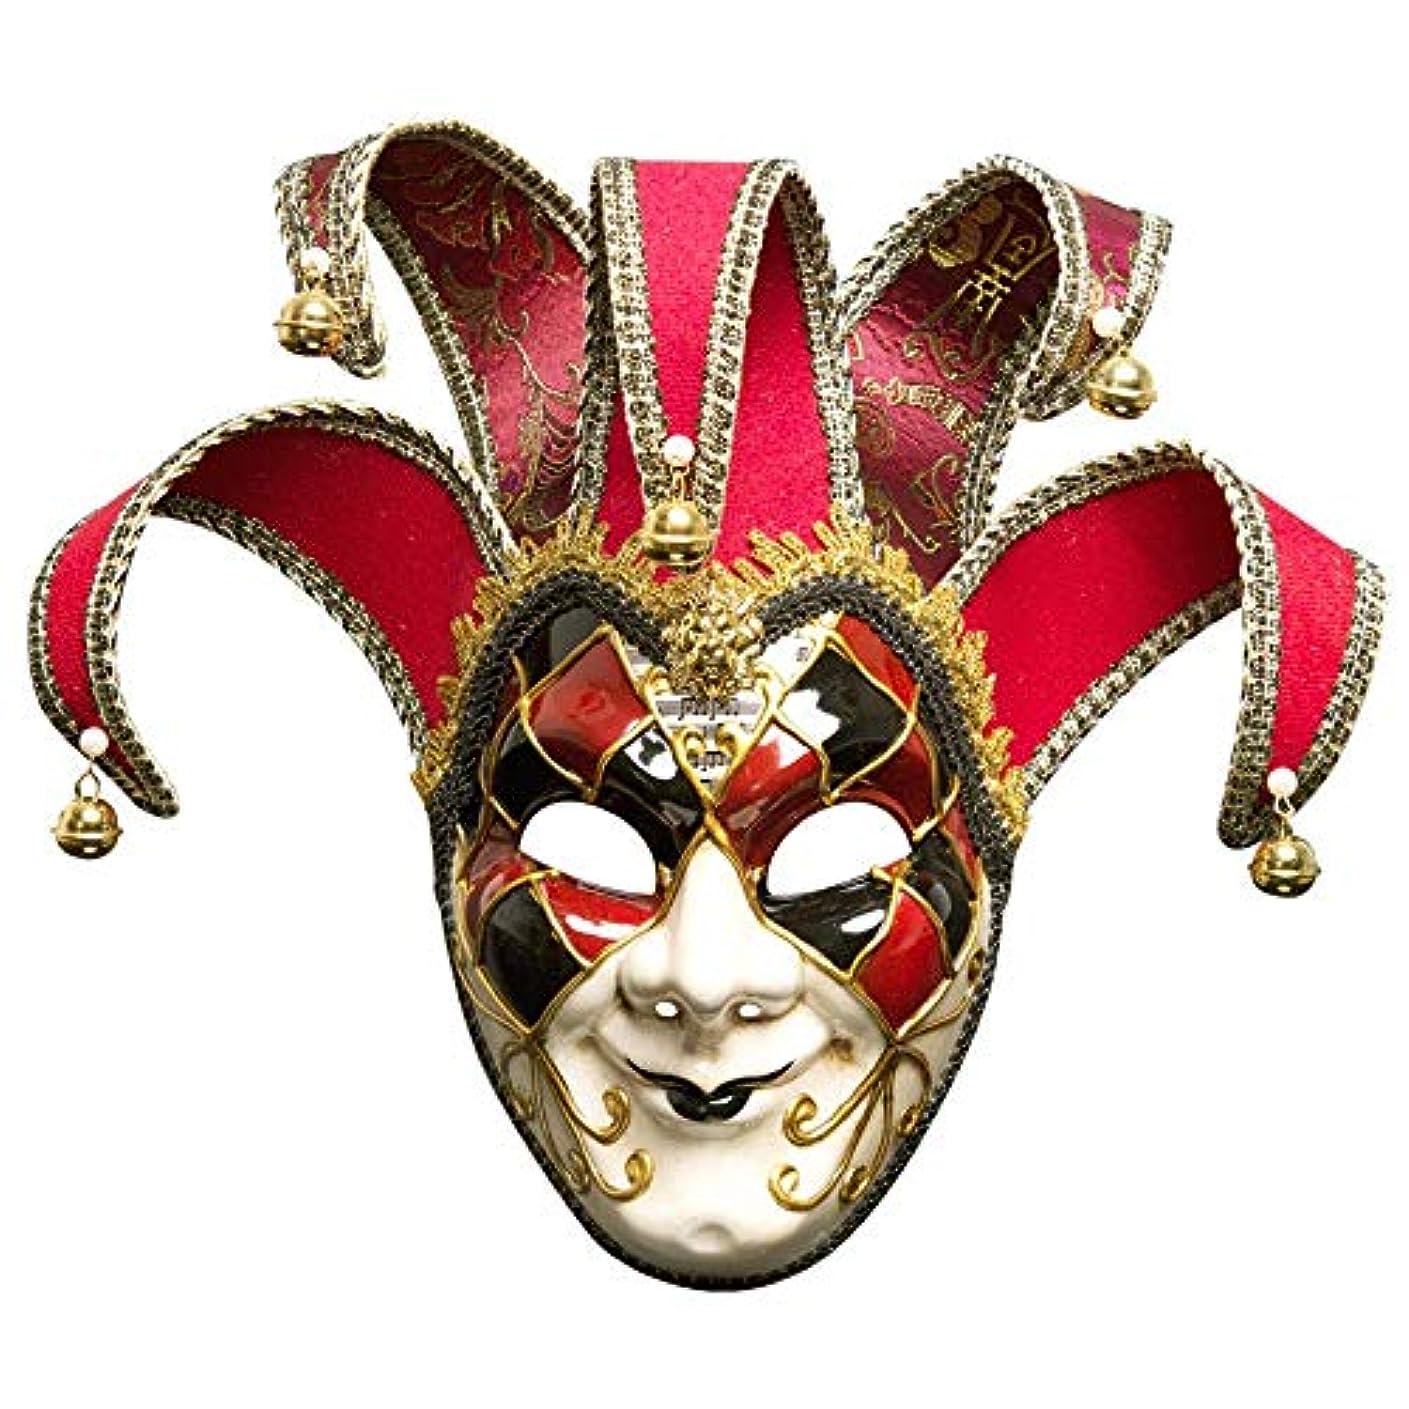 笑い地下鉄ベックスダンスマスク 雰囲気クリスマスフェスティバルロールプレイングプラスチックマスカレードマスクハロウィーンマスカレードマスク ホリデーパーティー用品 (色 : 赤, サイズ : 17x44cm)